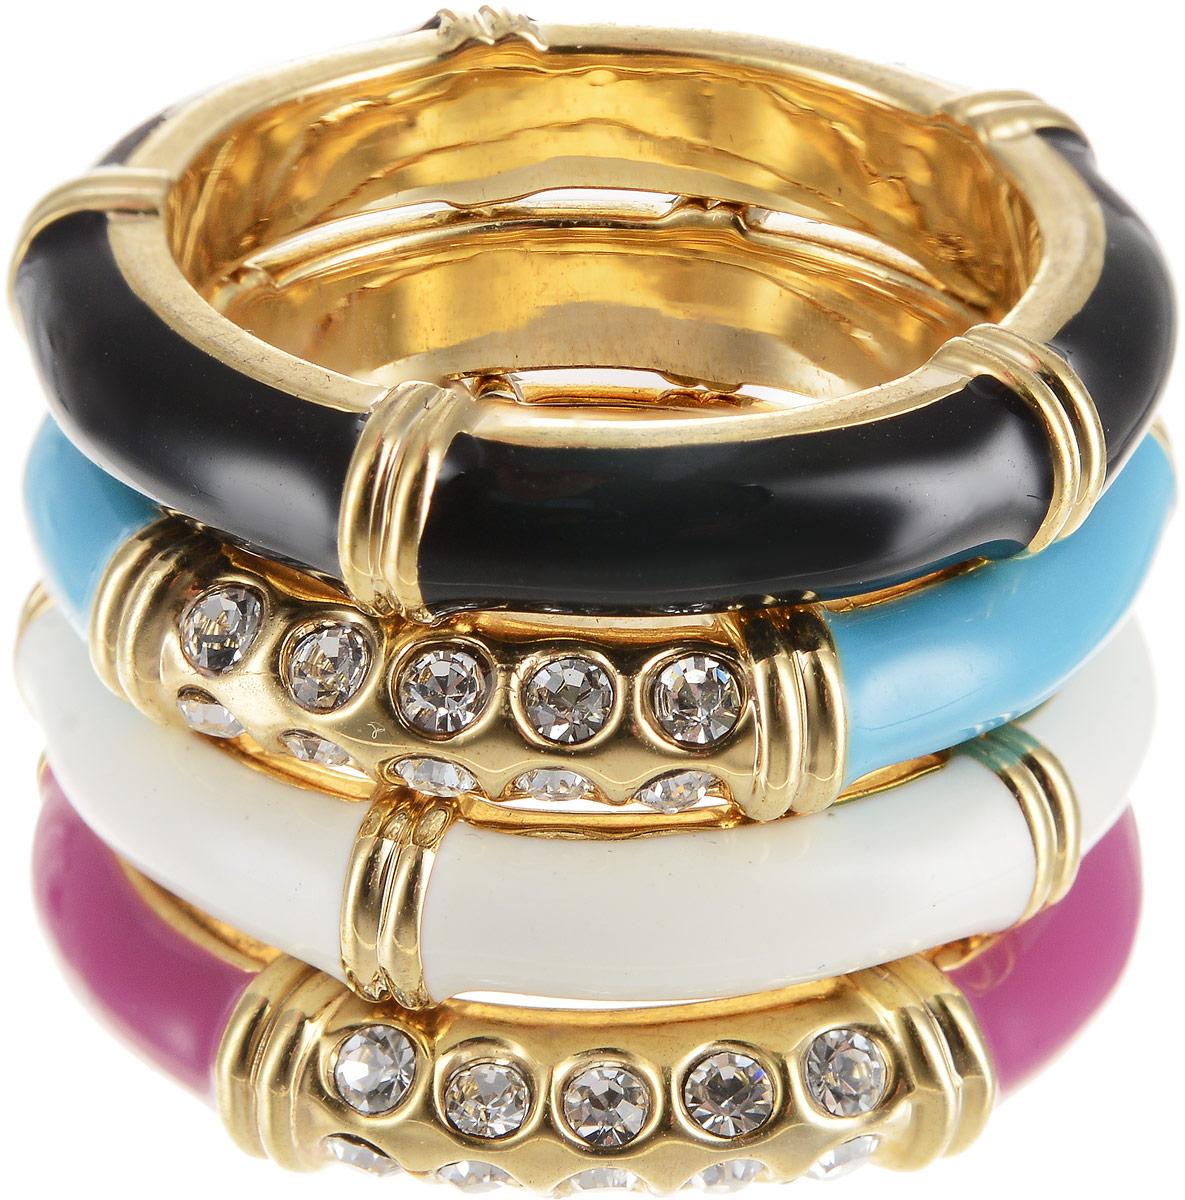 Кольцо Art-Silver, цвет: золотой, мультиколор. 00608-1154. Размер 18,5Коктейльное кольцоОригинальное кольцо Art-Silver выполнено из бижутерного сплава с гальваническим покрытием. Кольцо украшено декоративными вставками и состоит из нескольких частей, которые можно одевать в разном порядке.Элегантное кольцо Art-Silver превосходно дополнит ваш образ и подчеркнет отменное чувство стиля своей обладательницы.